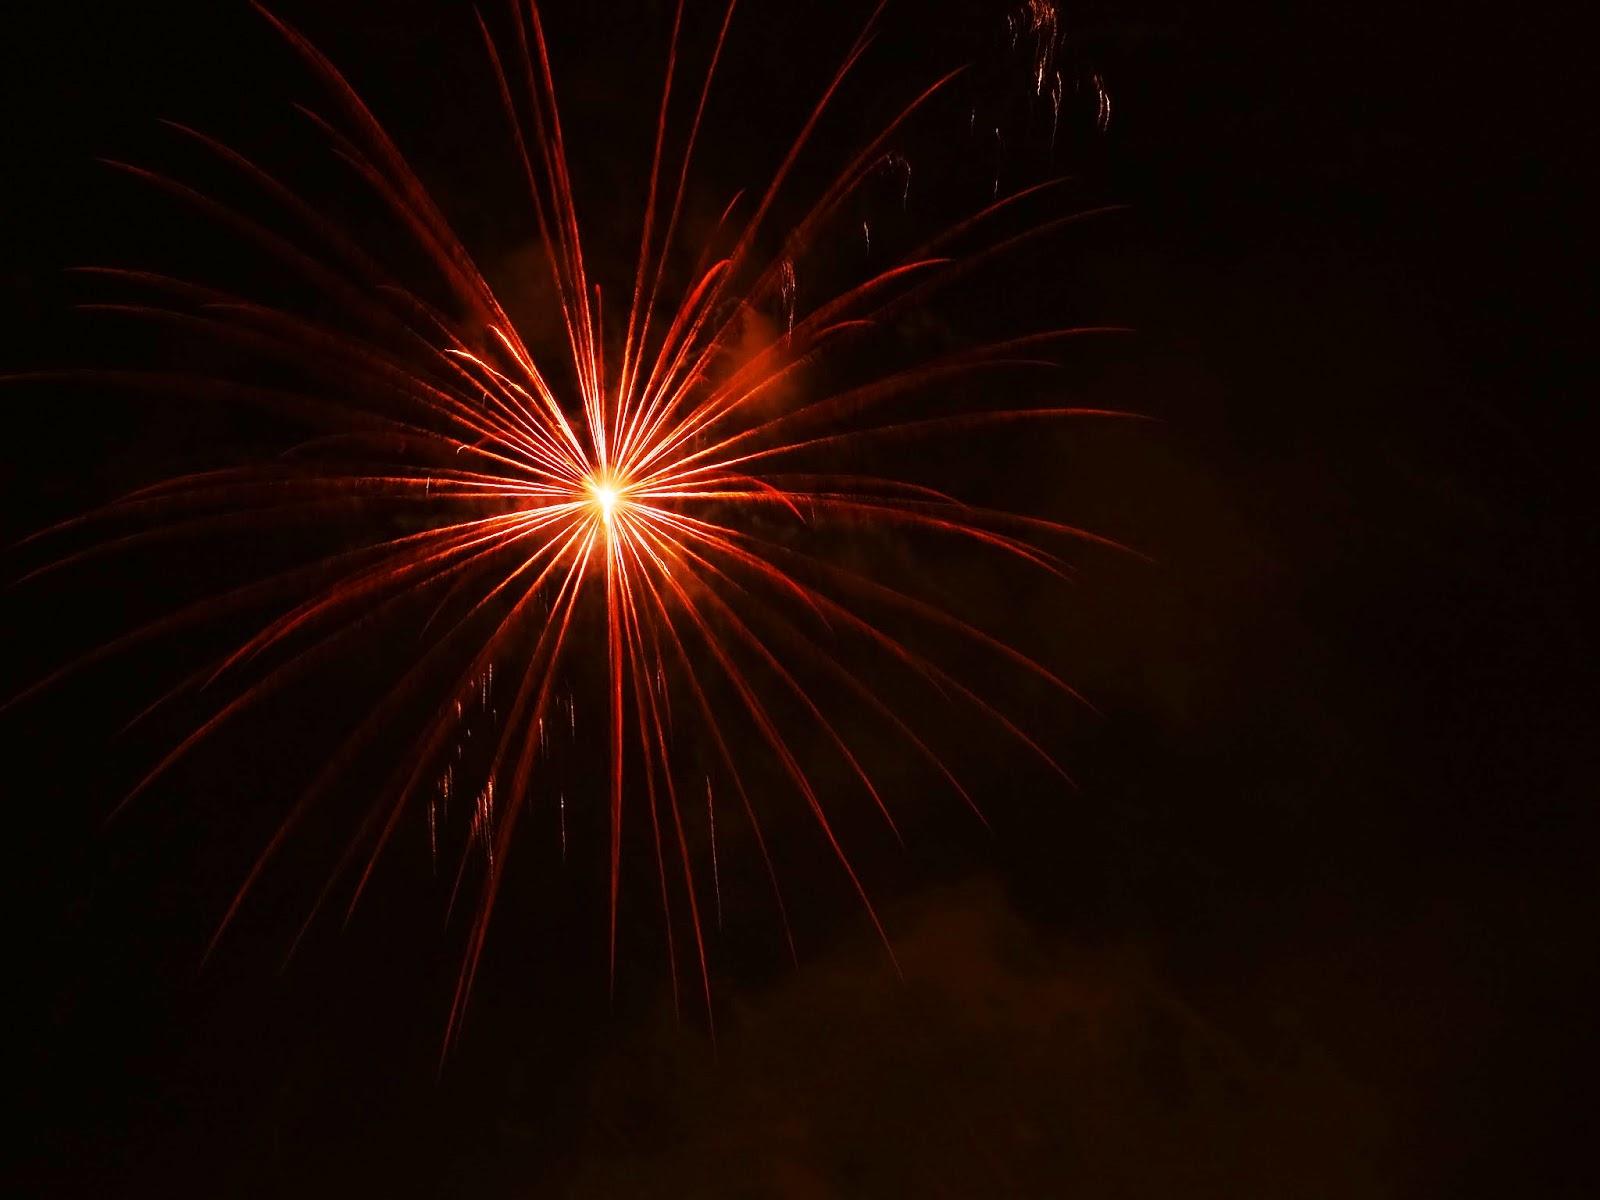 asturias fiesta de prao fuegos artificiales